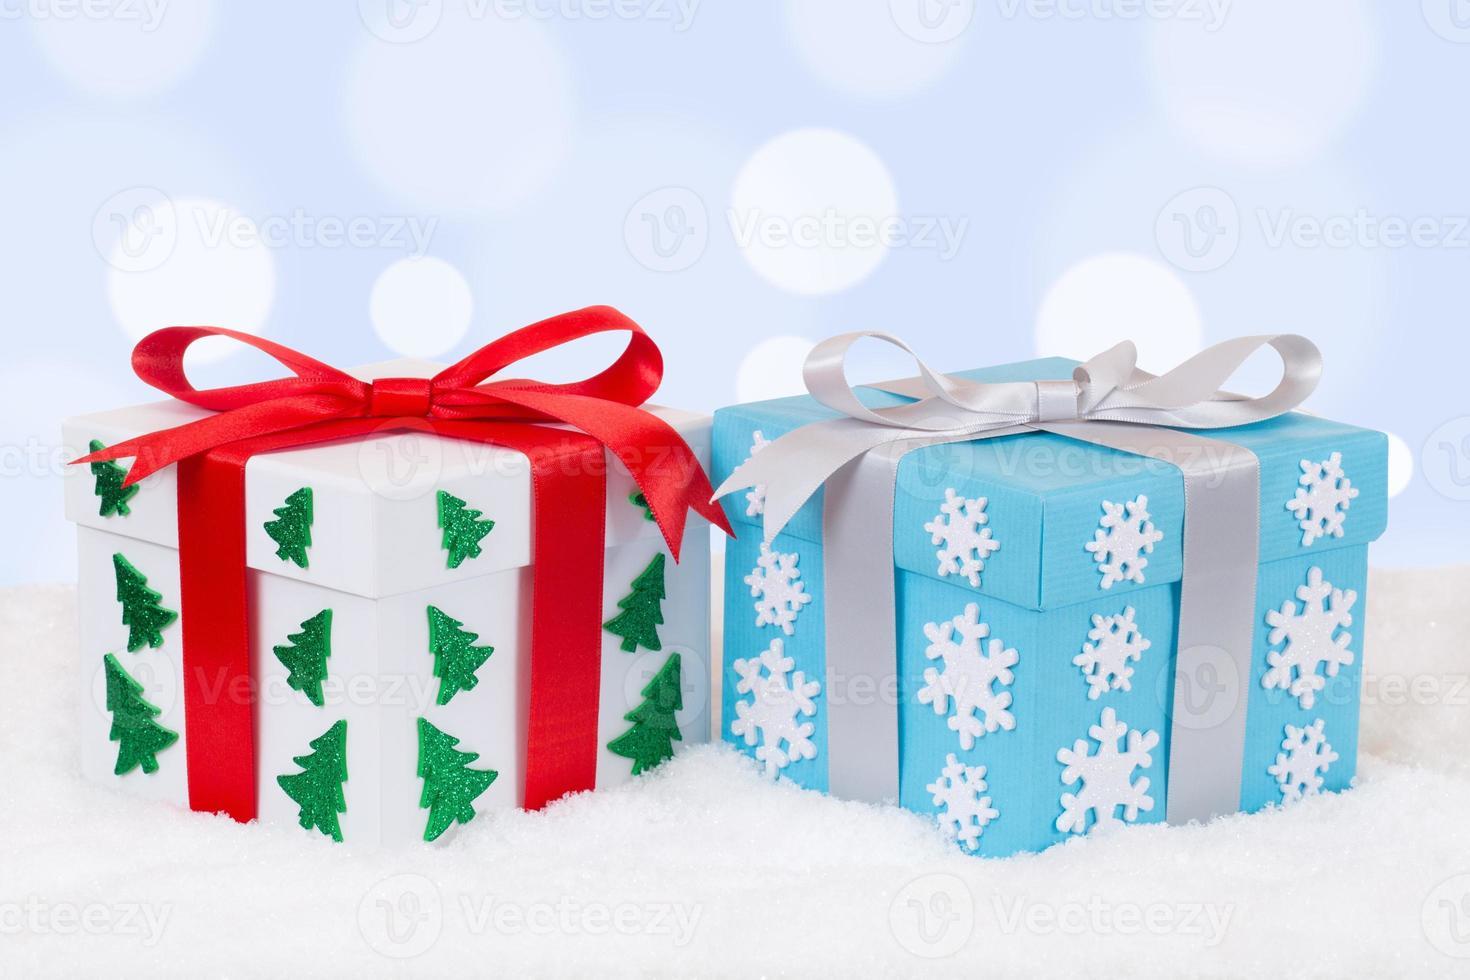 kerstcadeaus decoratie met copyspace foto